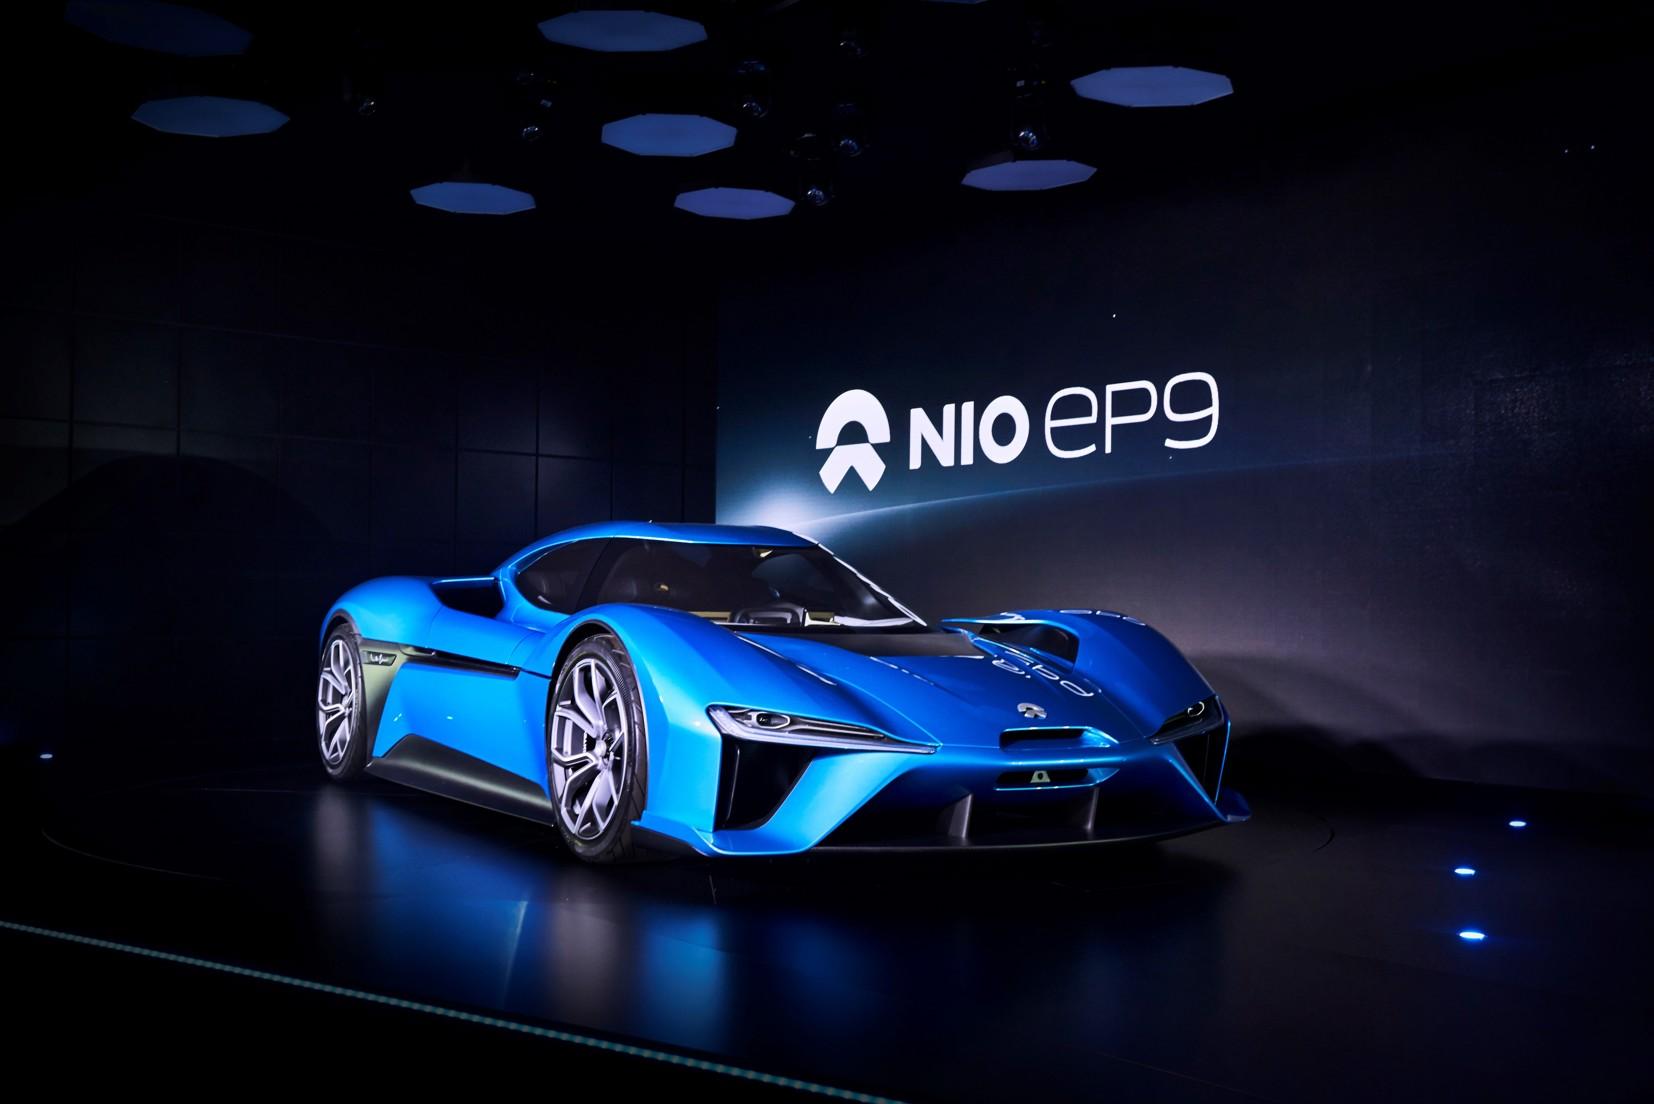 Nio stock, NIO stock, Electric vehicle stocks, EV stocks